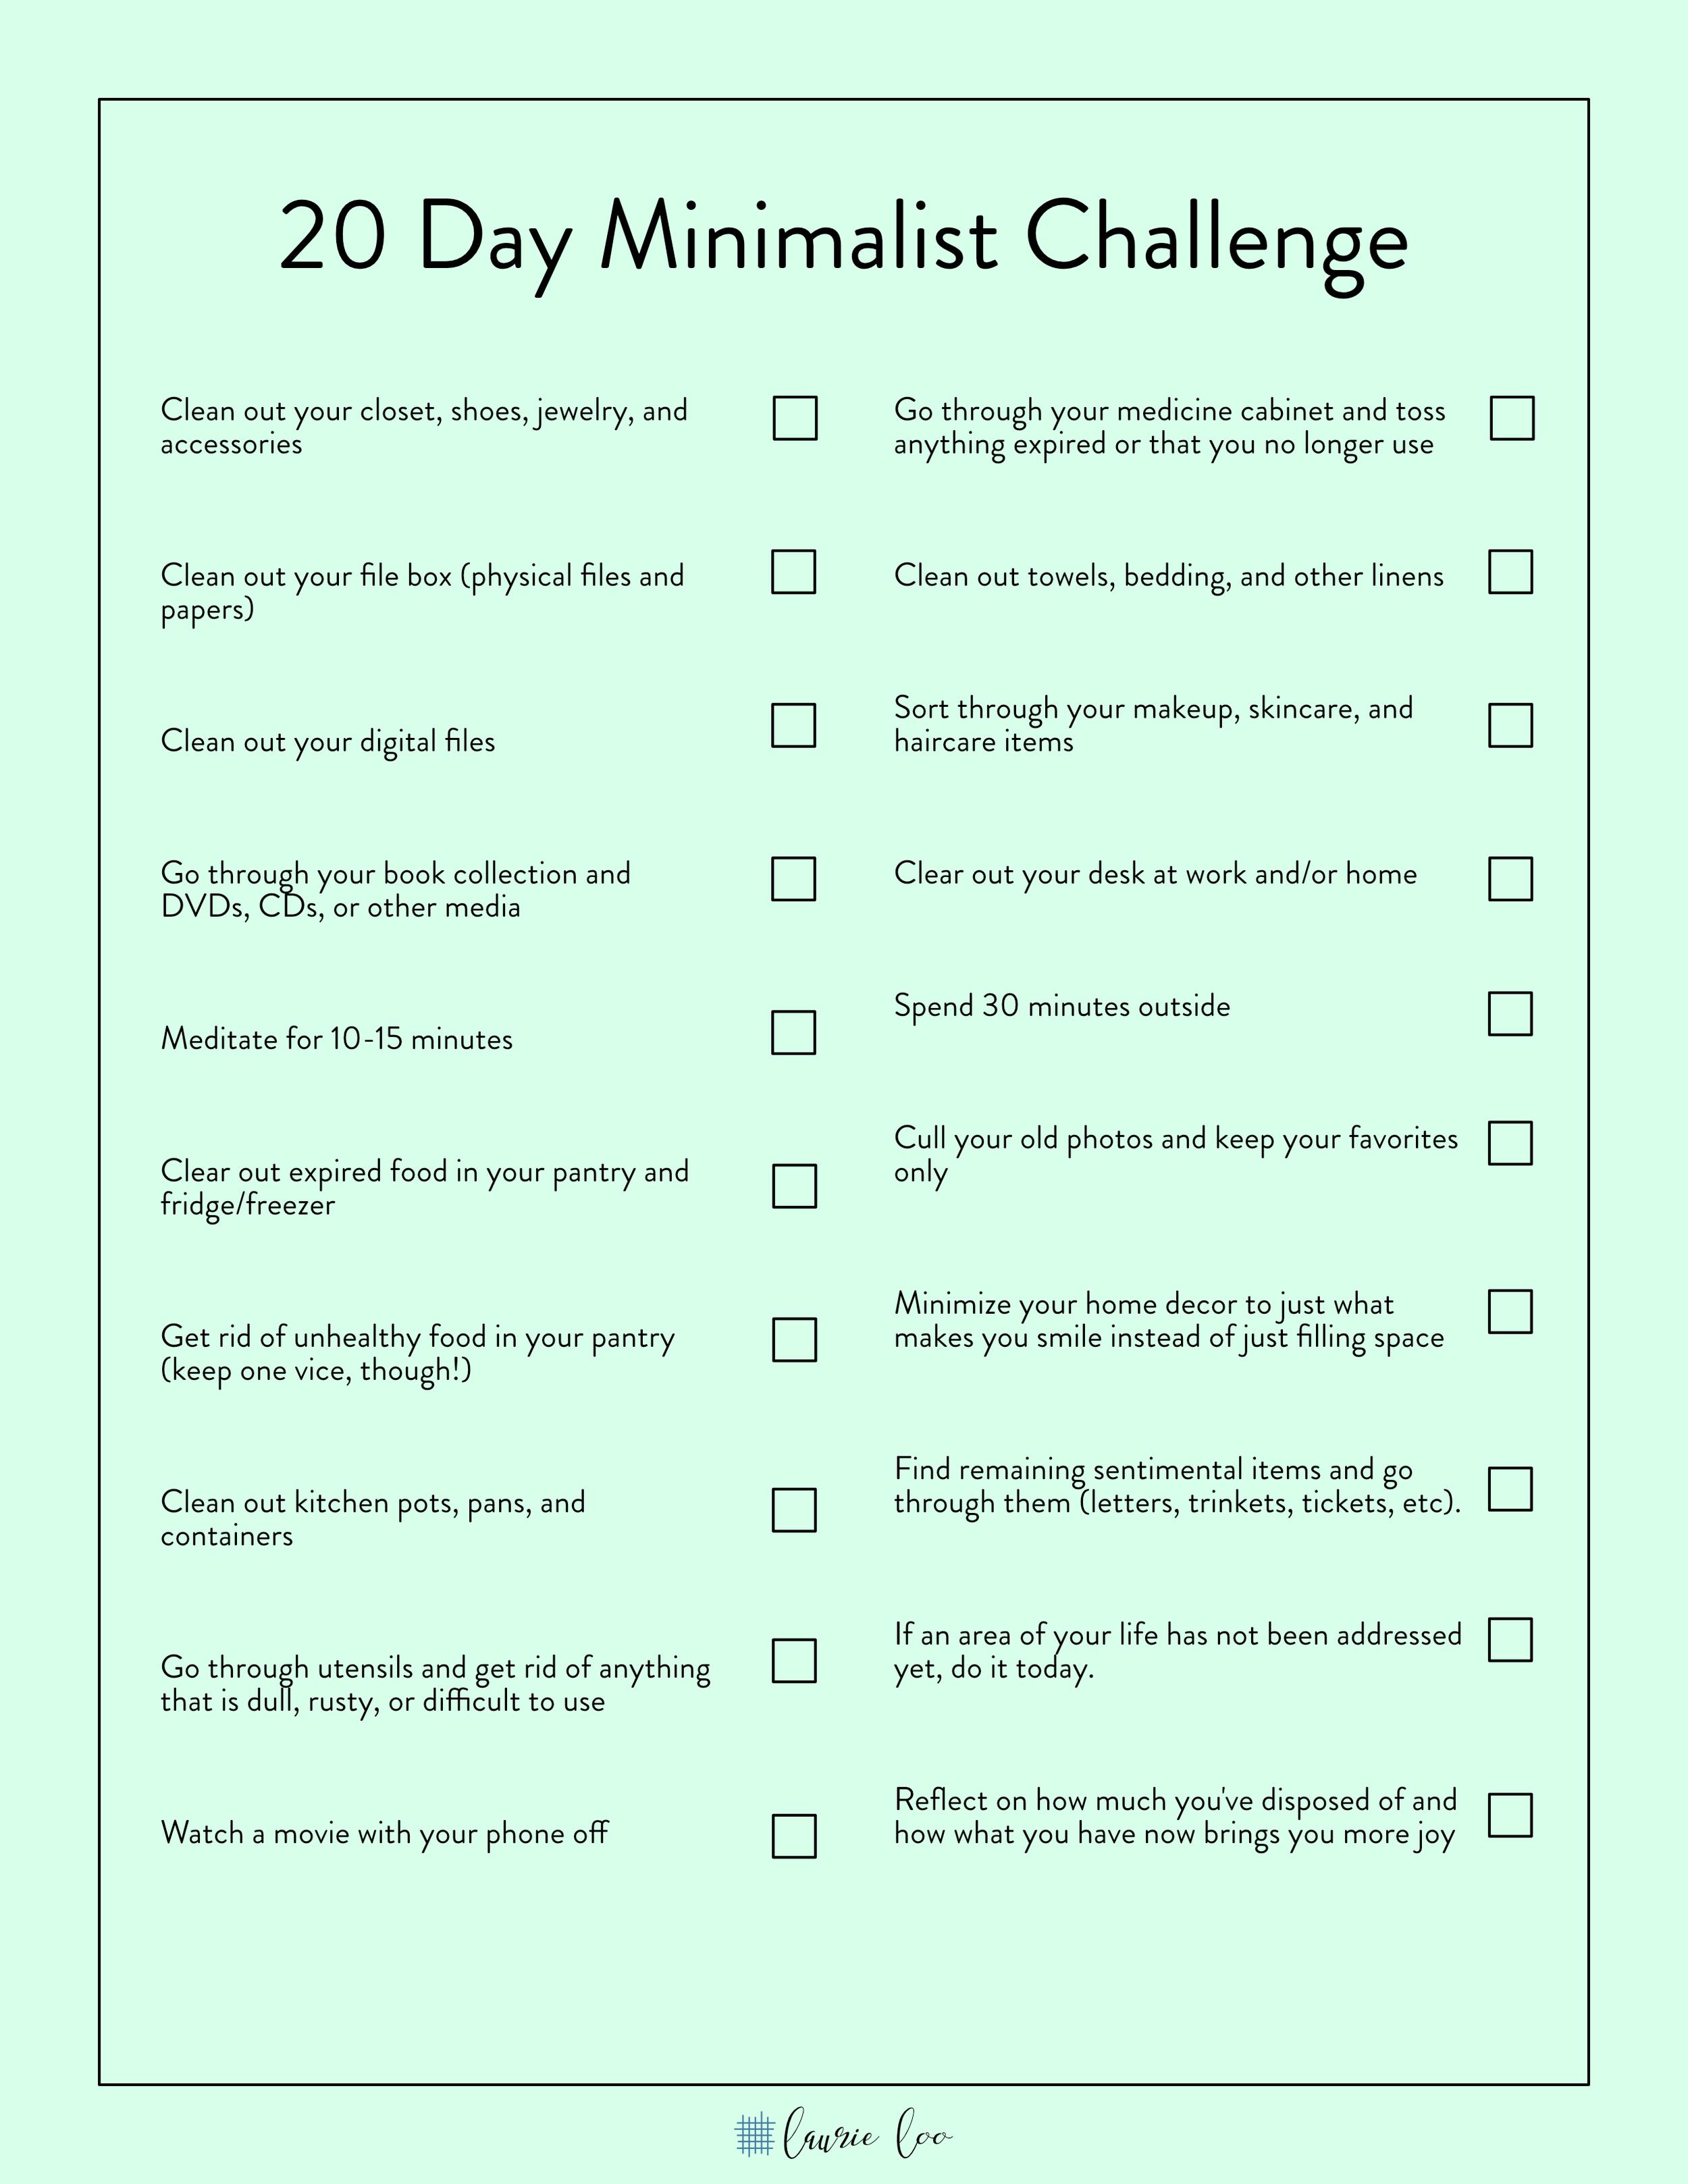 20-day-minimalist-challenge